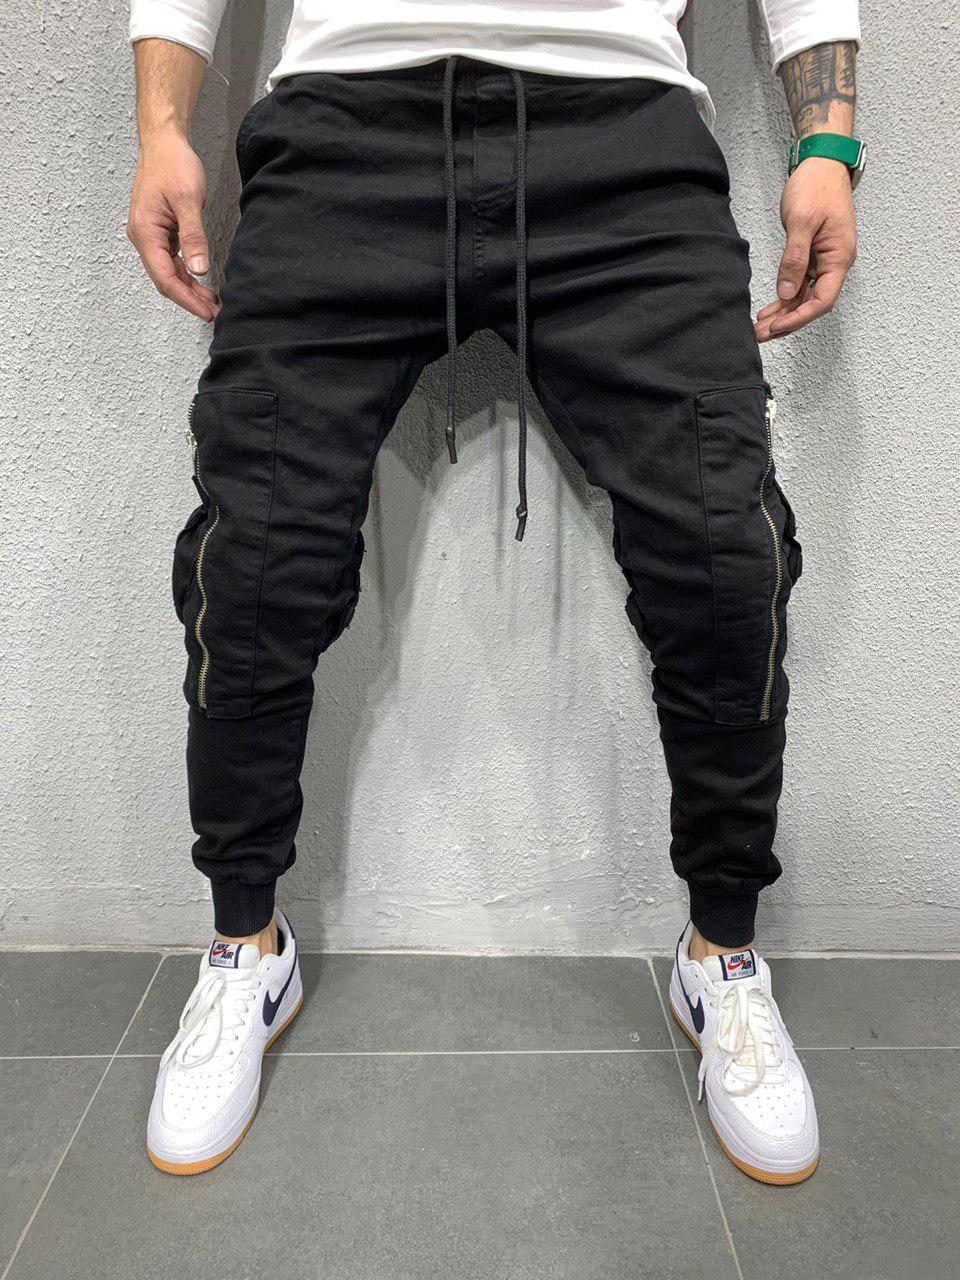 Джинсы мужские чёрные стильные с карманами стильные на резинке